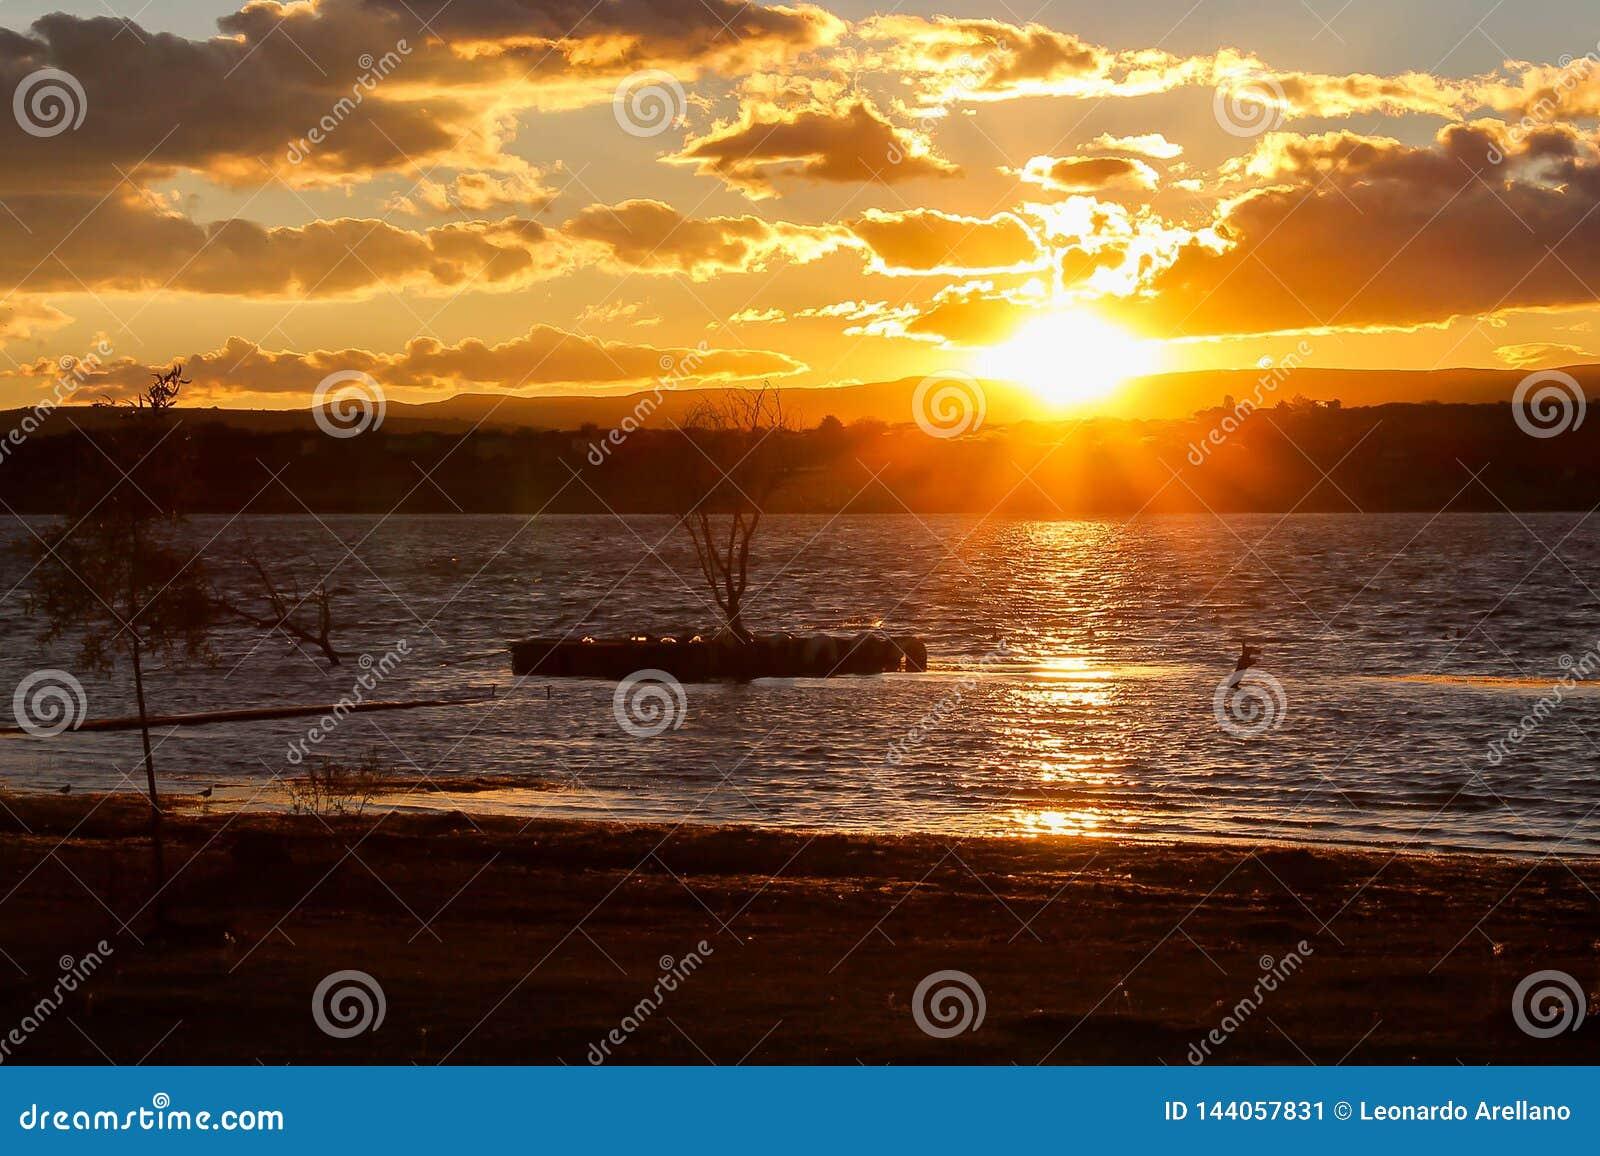 Zonsondergang op het meer en het platteland